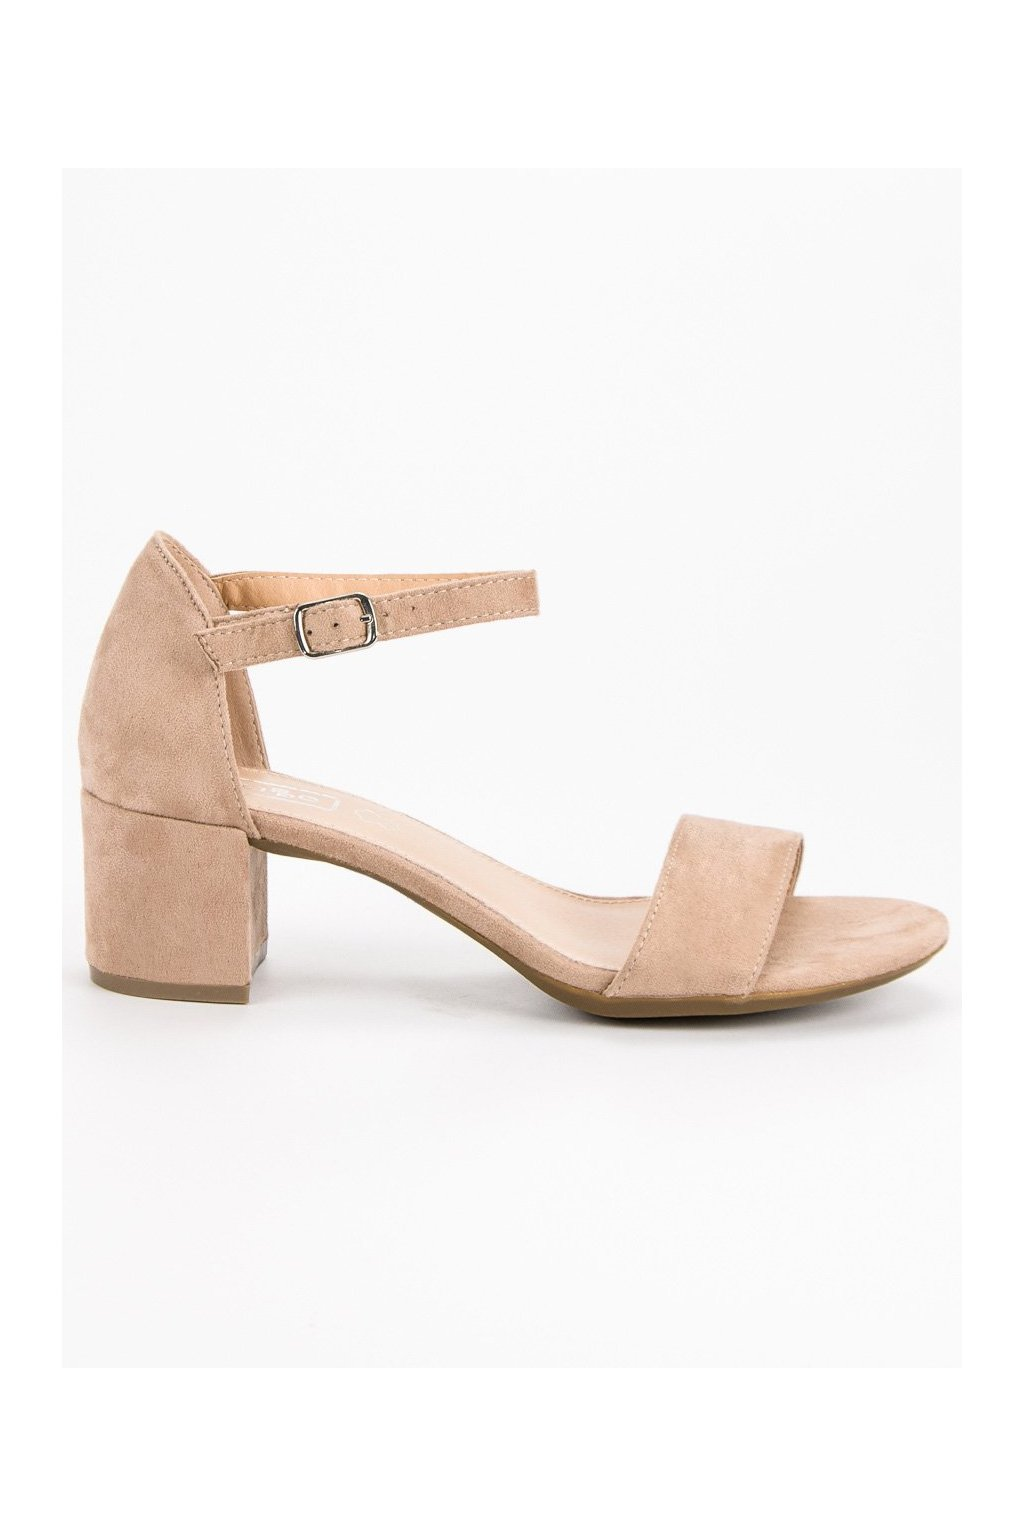 4332d1271b7b Výpredaj Sandále za najlepšie ceny na Svk cz - NAJ.SK